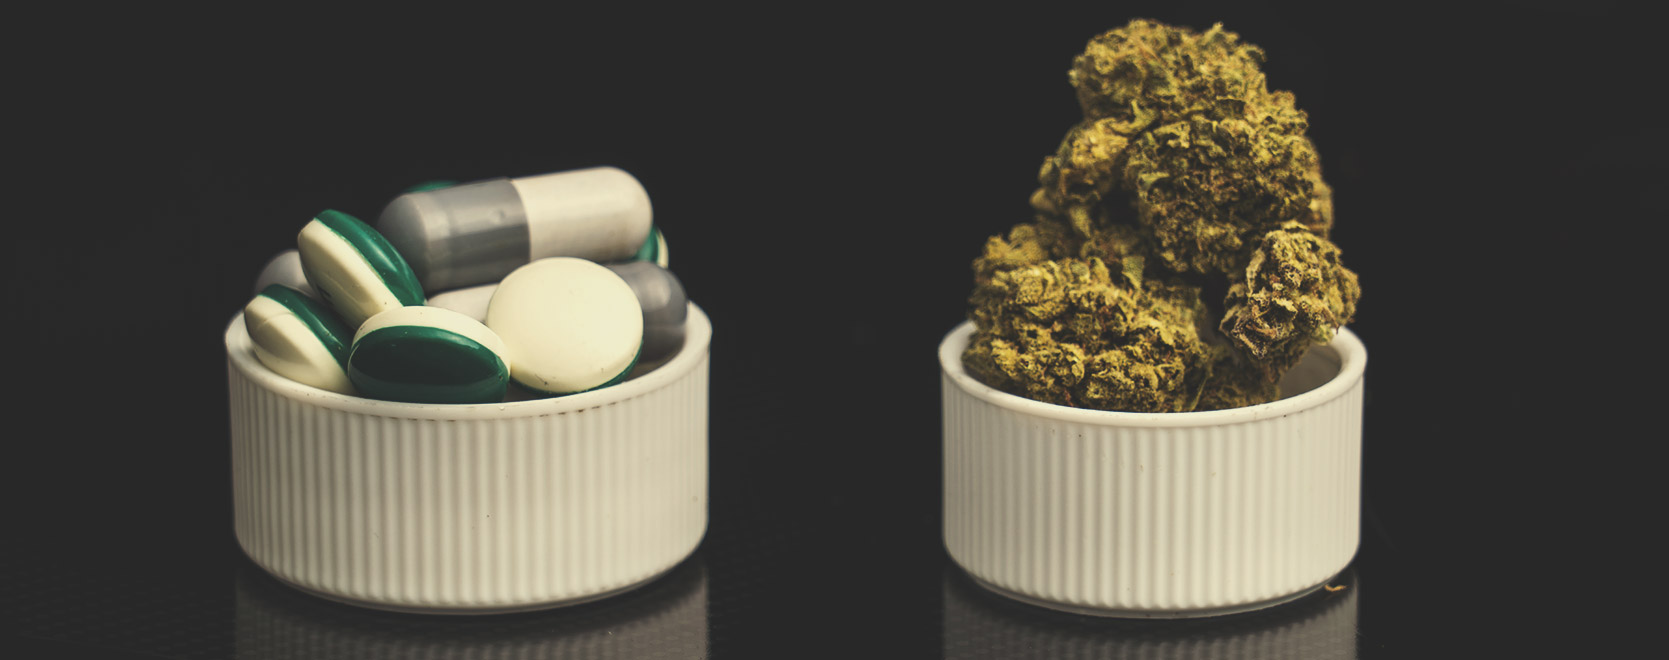 Que se passe-t-il si on combine des opioïdes avec du cannabis ?